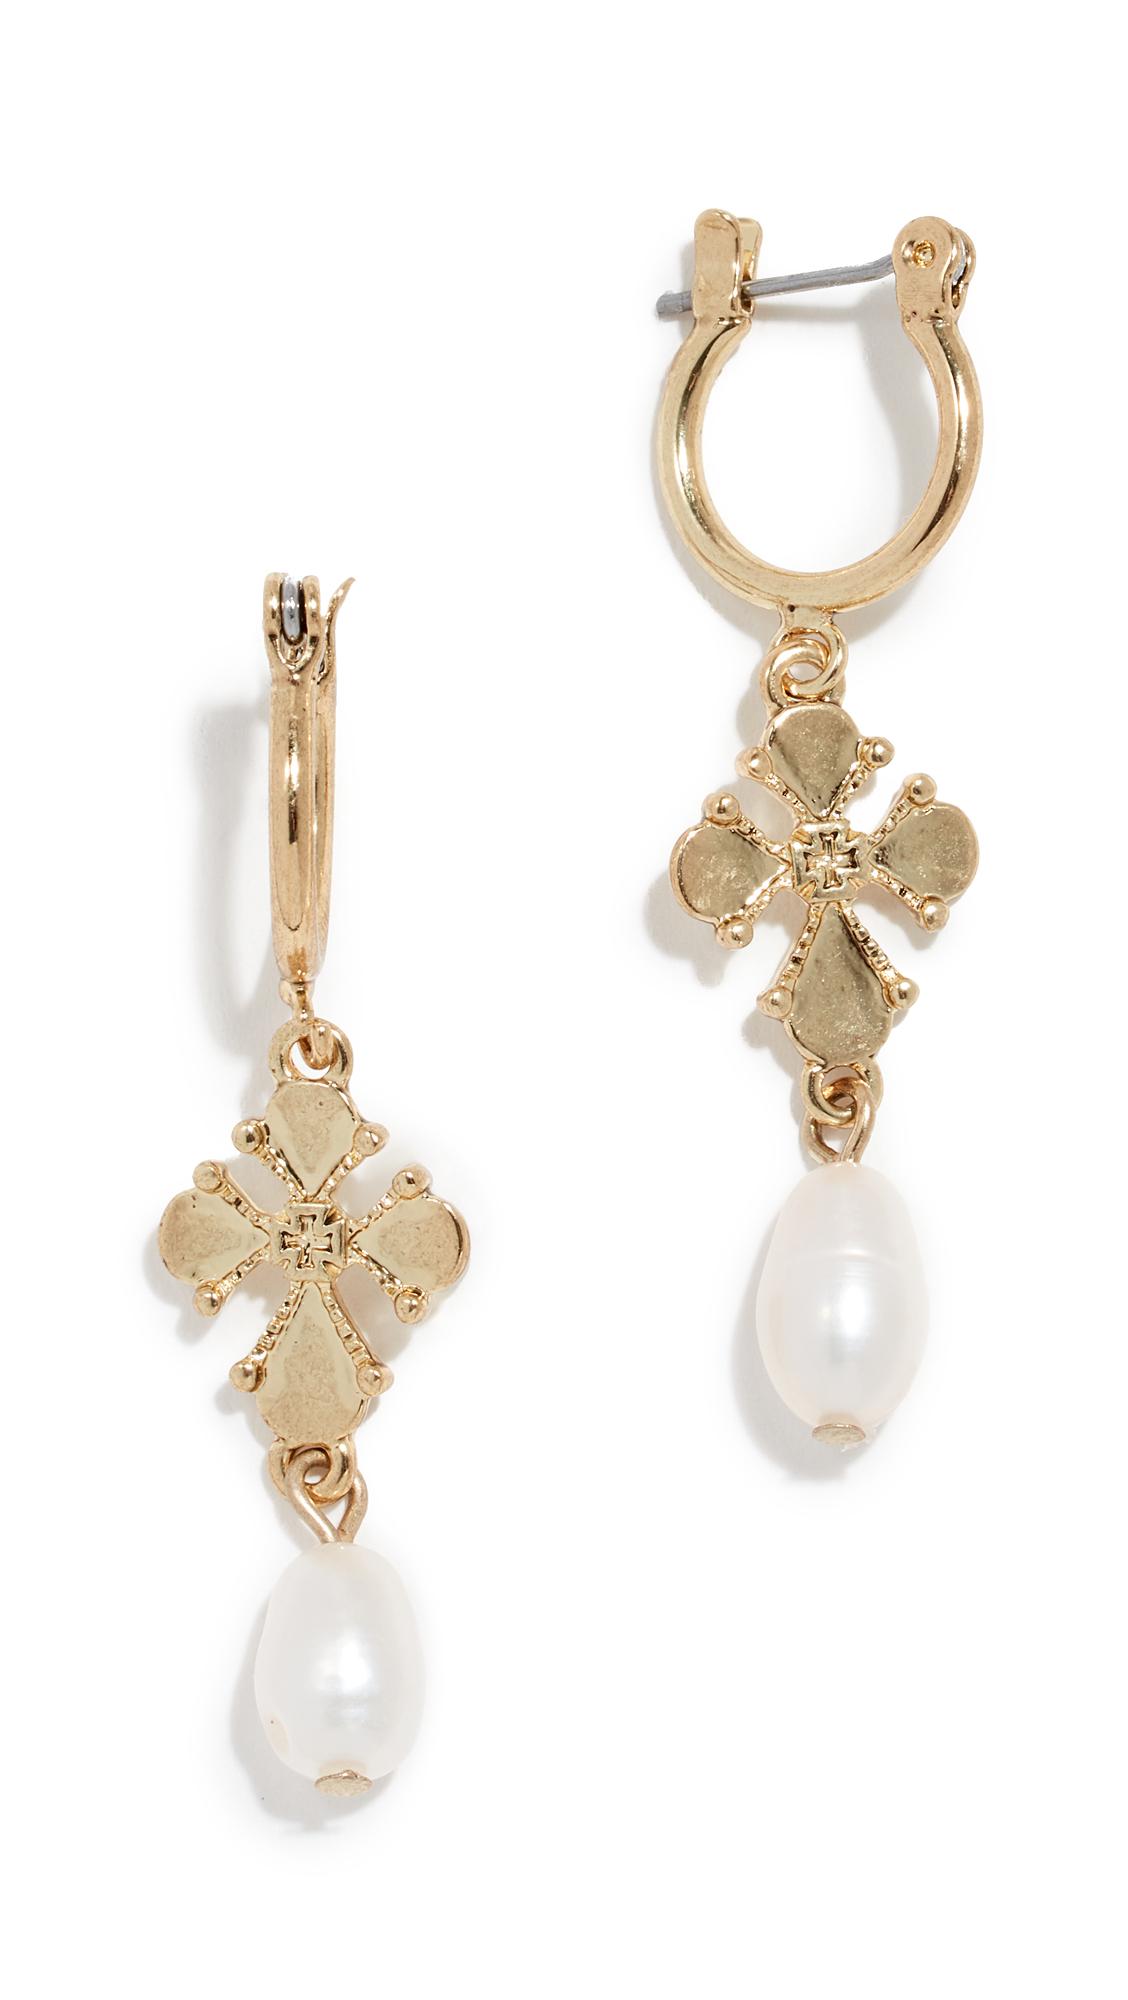 LUV AJ Nouveau Cross & Cultured Pearl Earrings in Gold